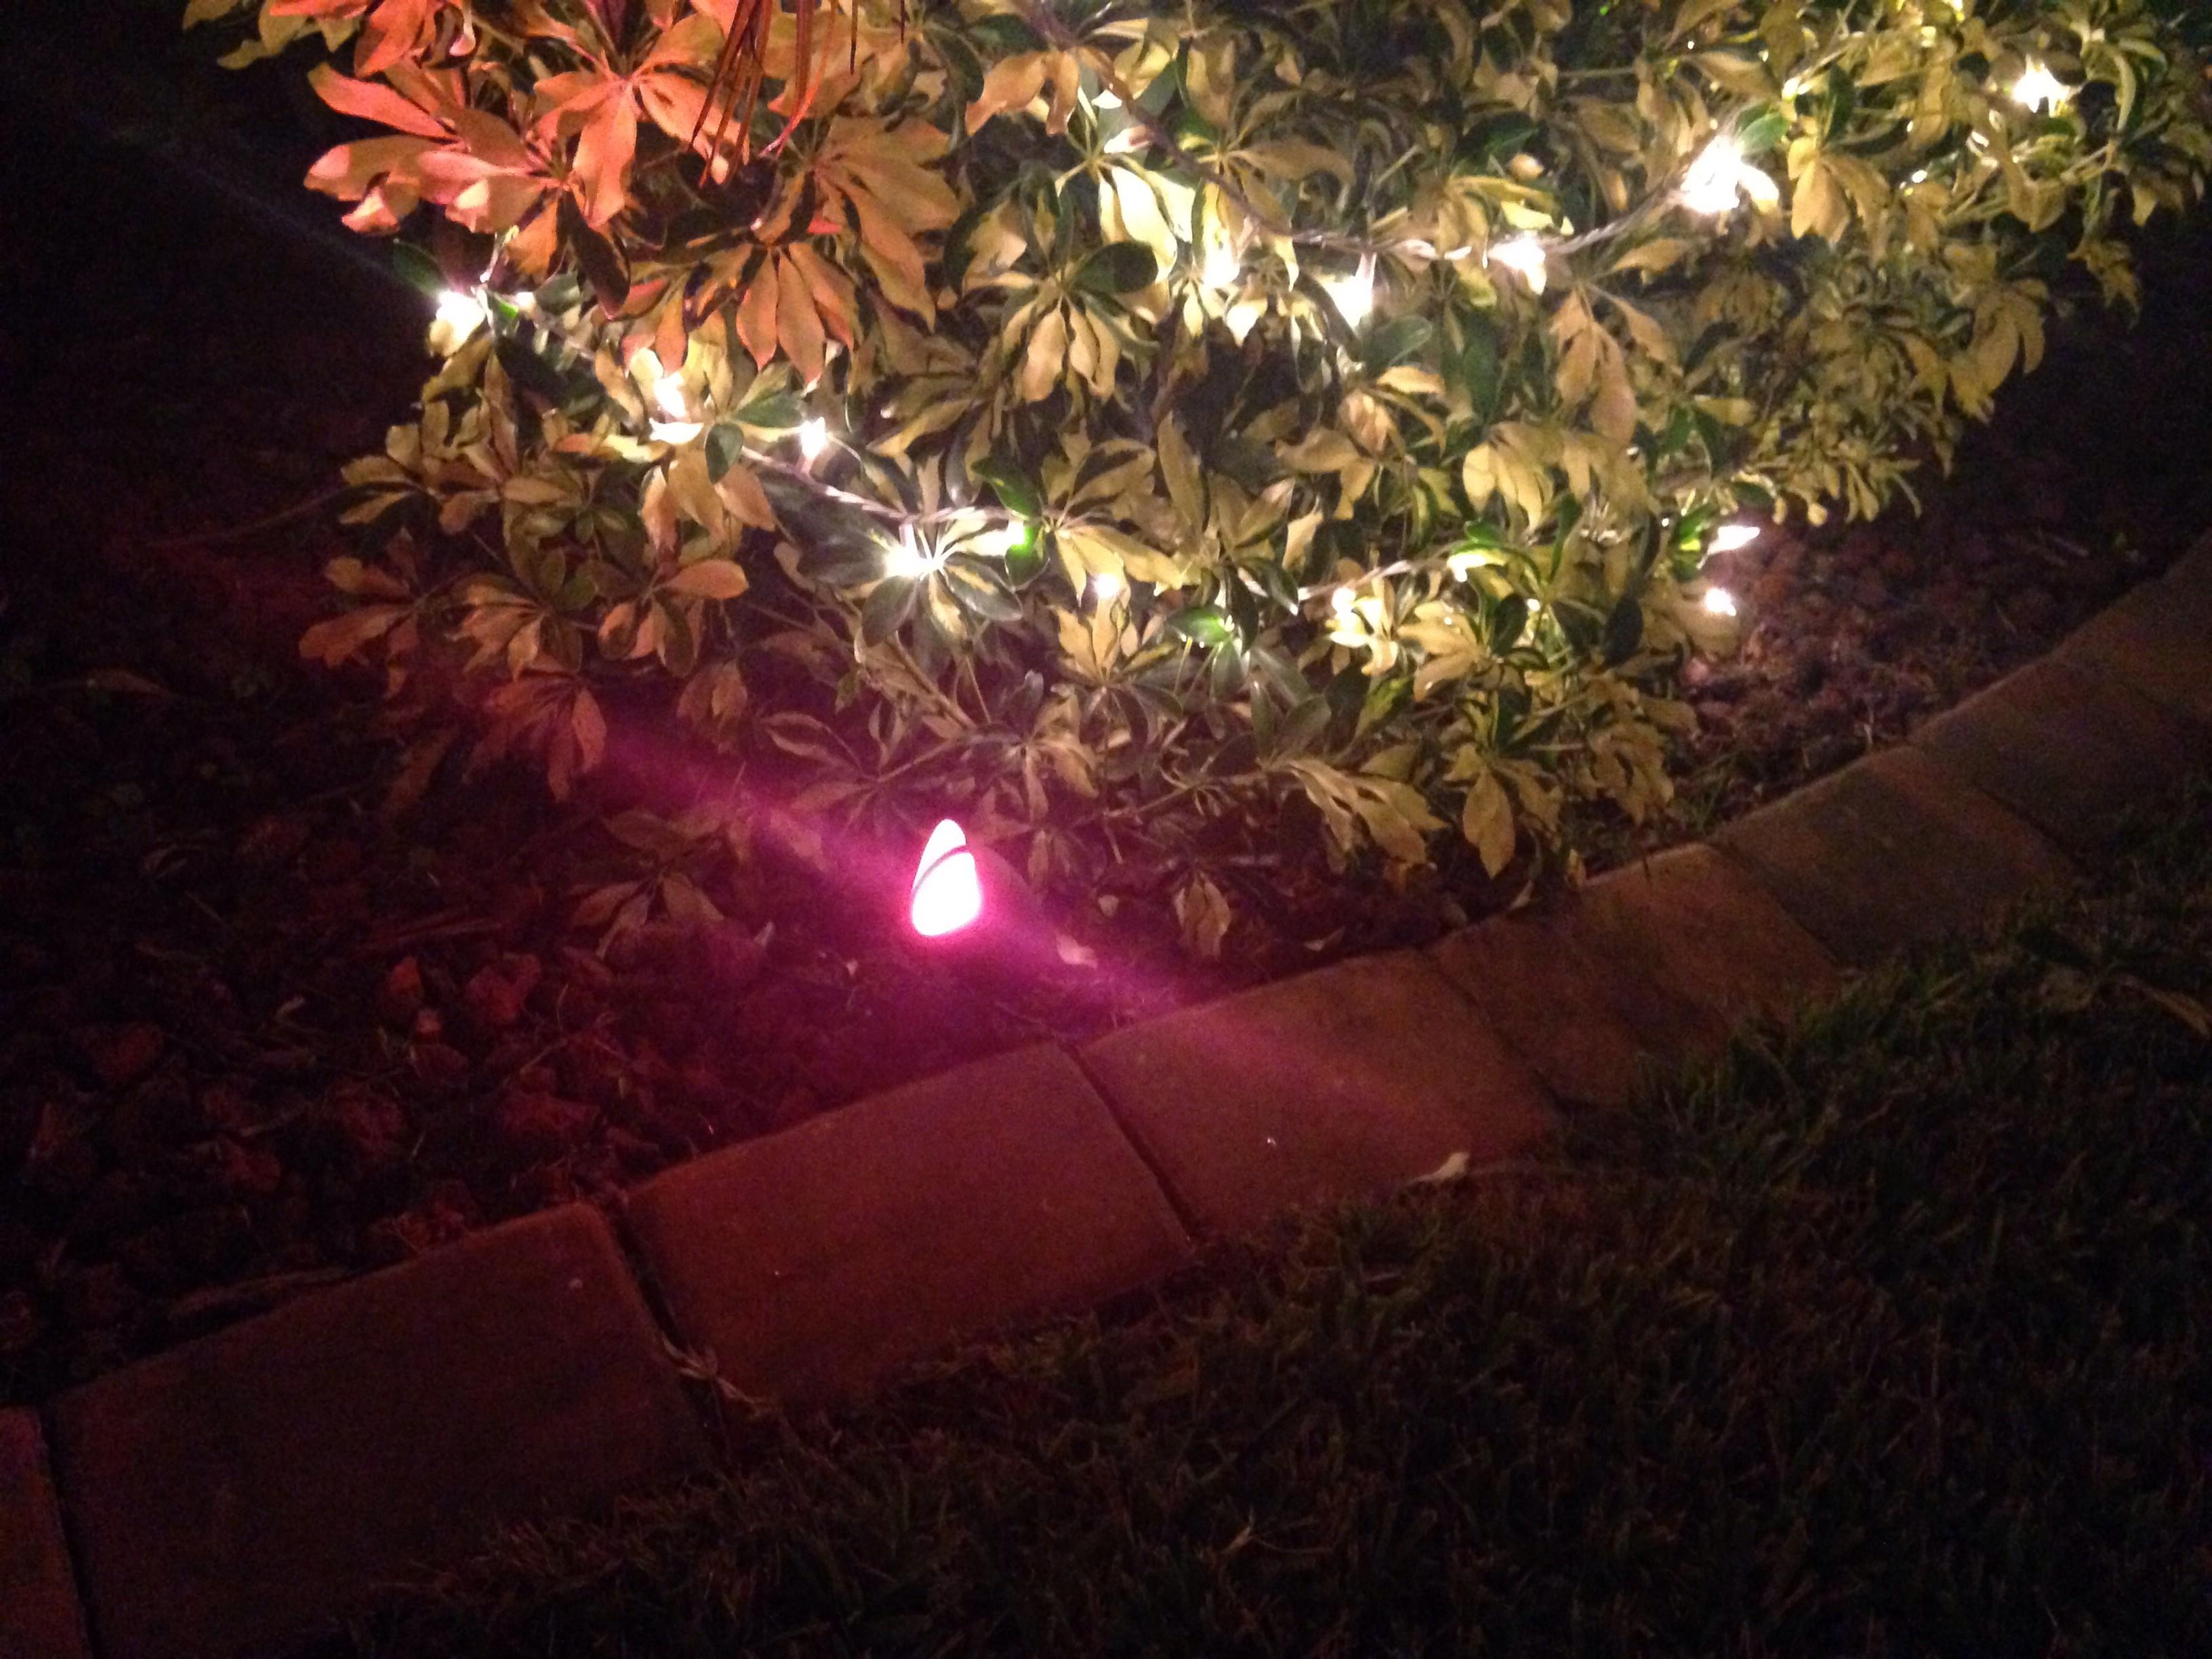 Christmas tree lighting tips - Christmas Lighting Hacks And Tips